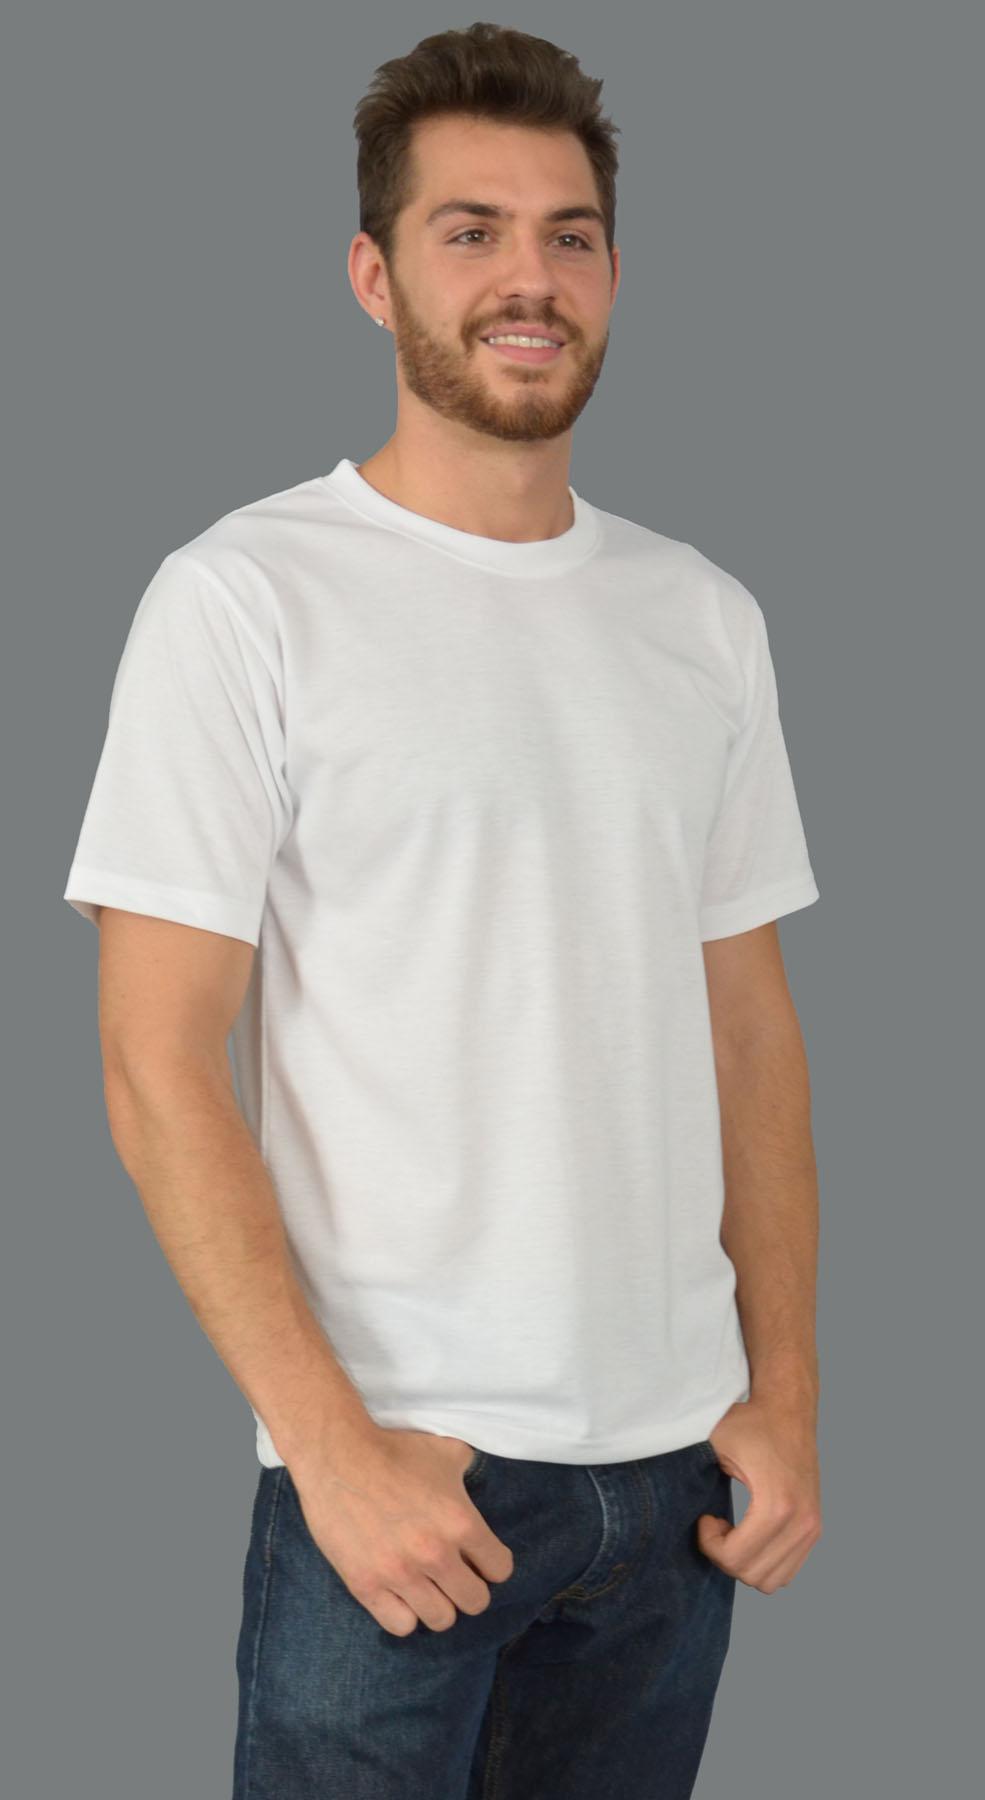 Monag 953001 - S/S Men's Crew Neck Tee 100% Polyester Vortex